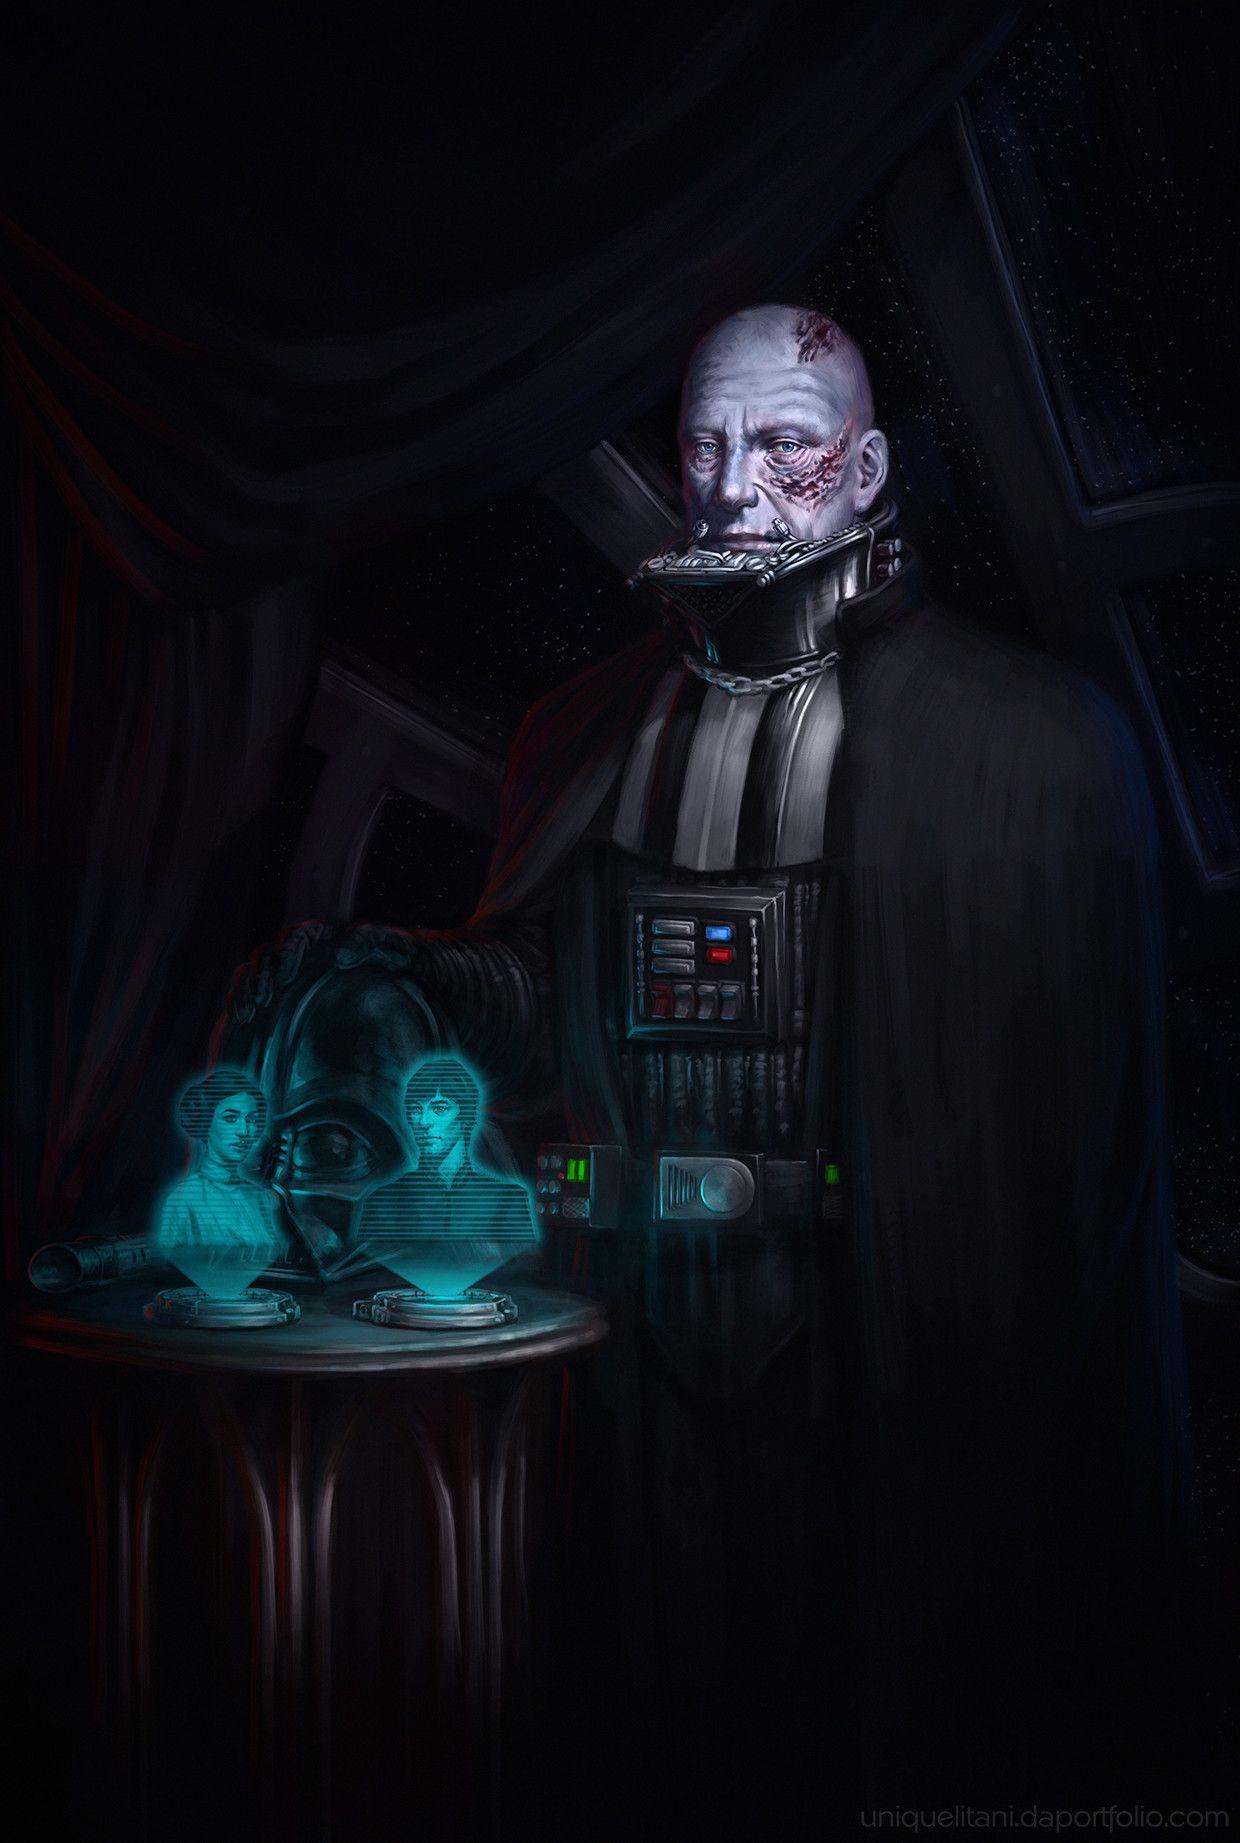 A Star Wars Fan Art With Images Star Wars Fandom Star Wars